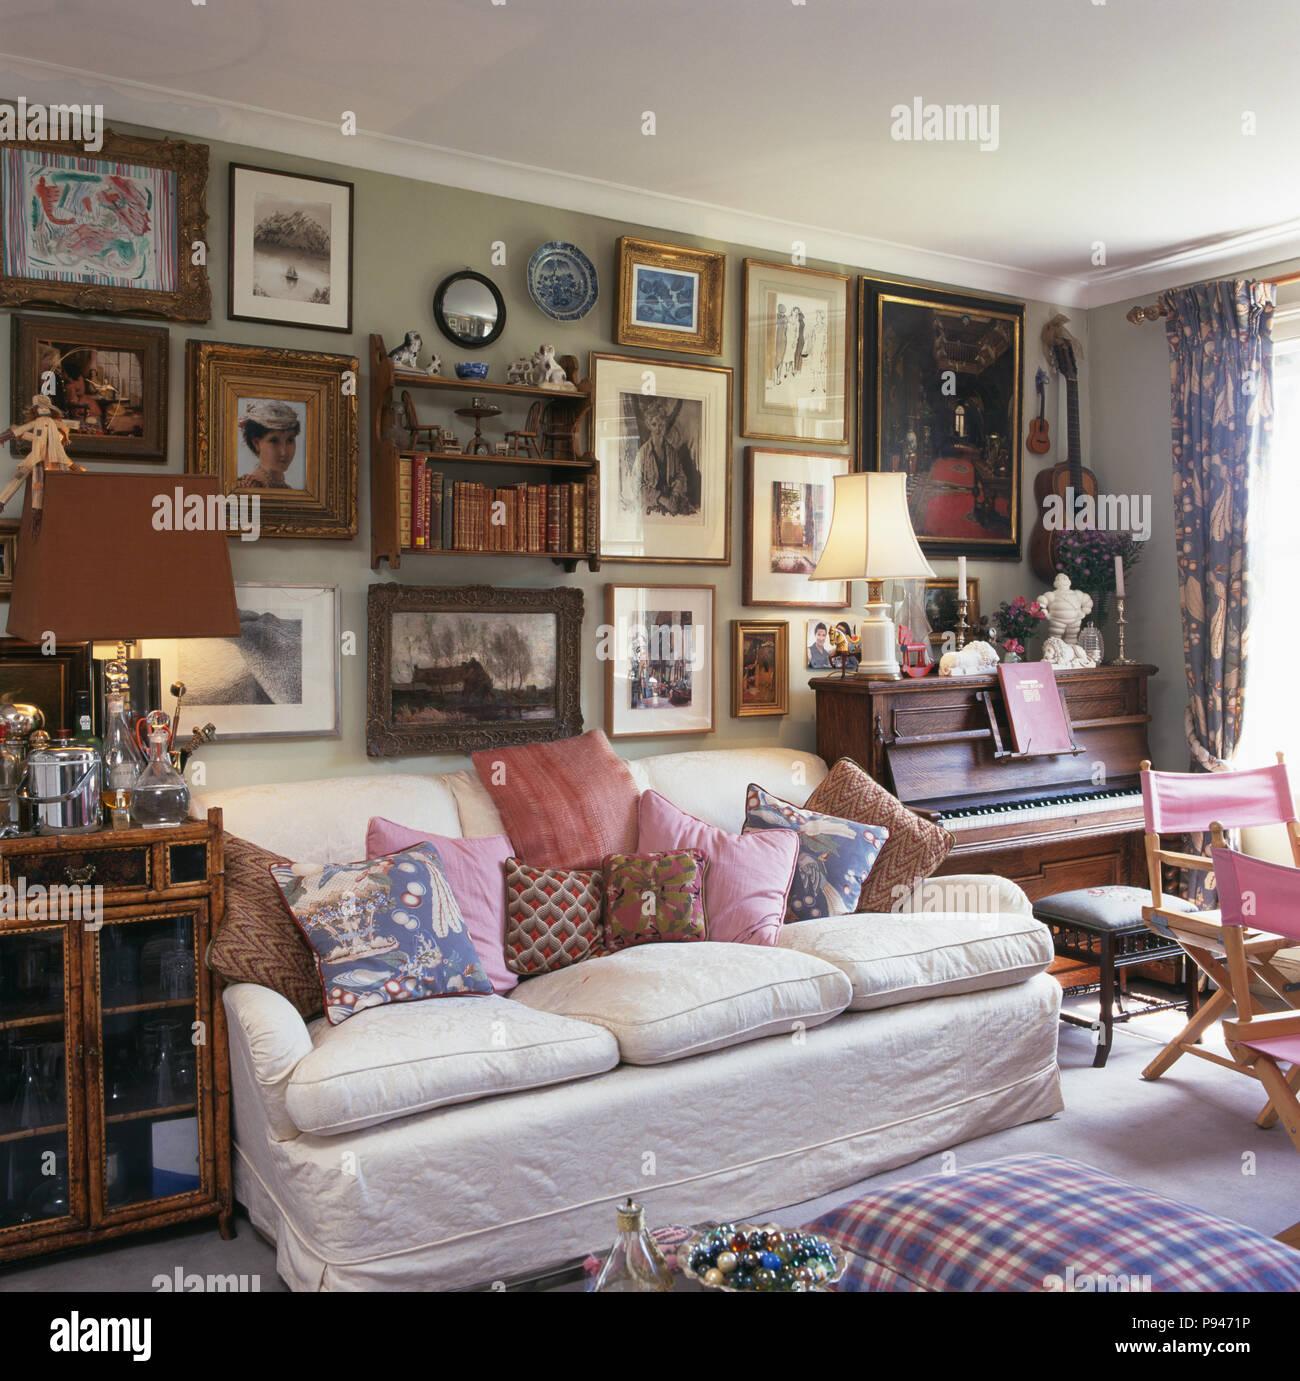 Große Sammlung von Bildern an der Wand über dem weißen Sofa mit ...